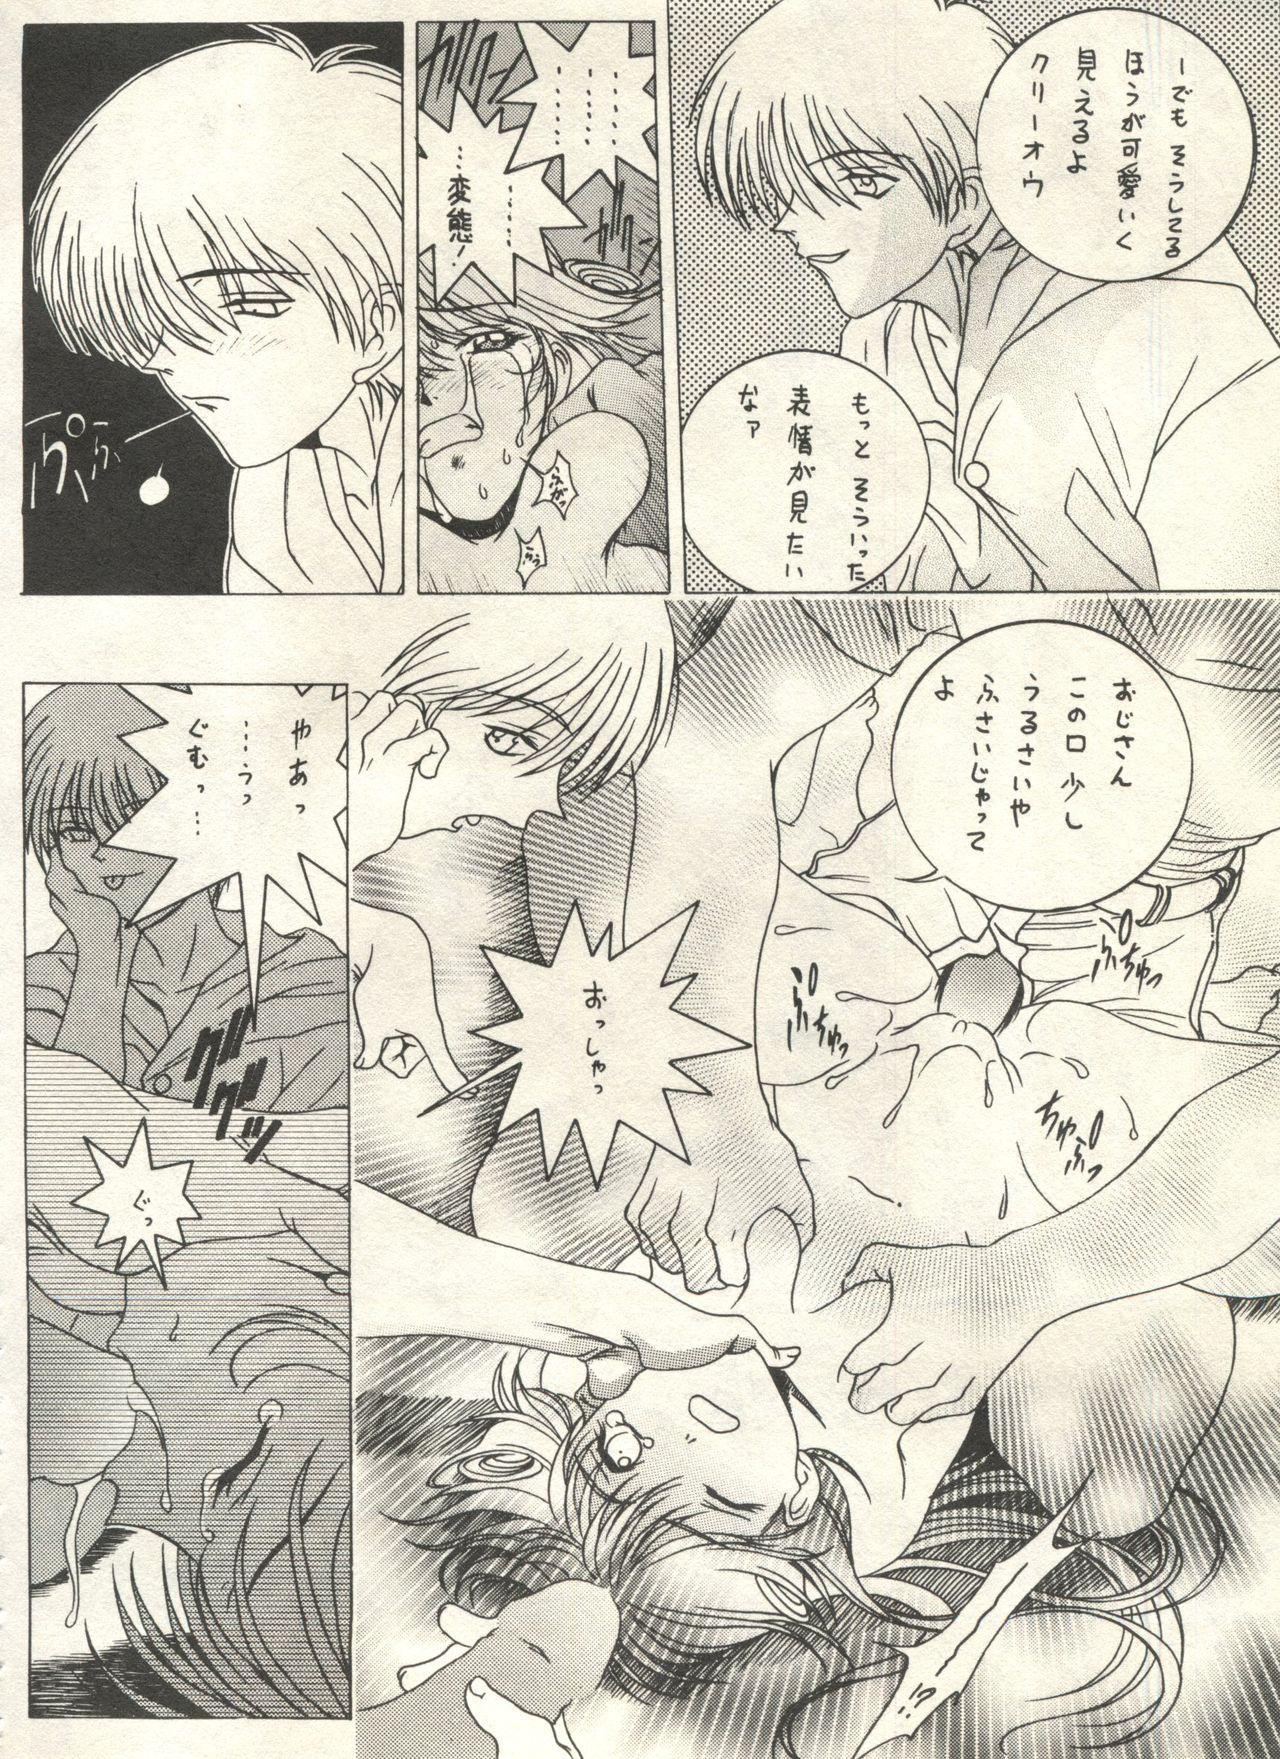 Bishoujo Shoukougun 2000 Manga-Anime Hen 191